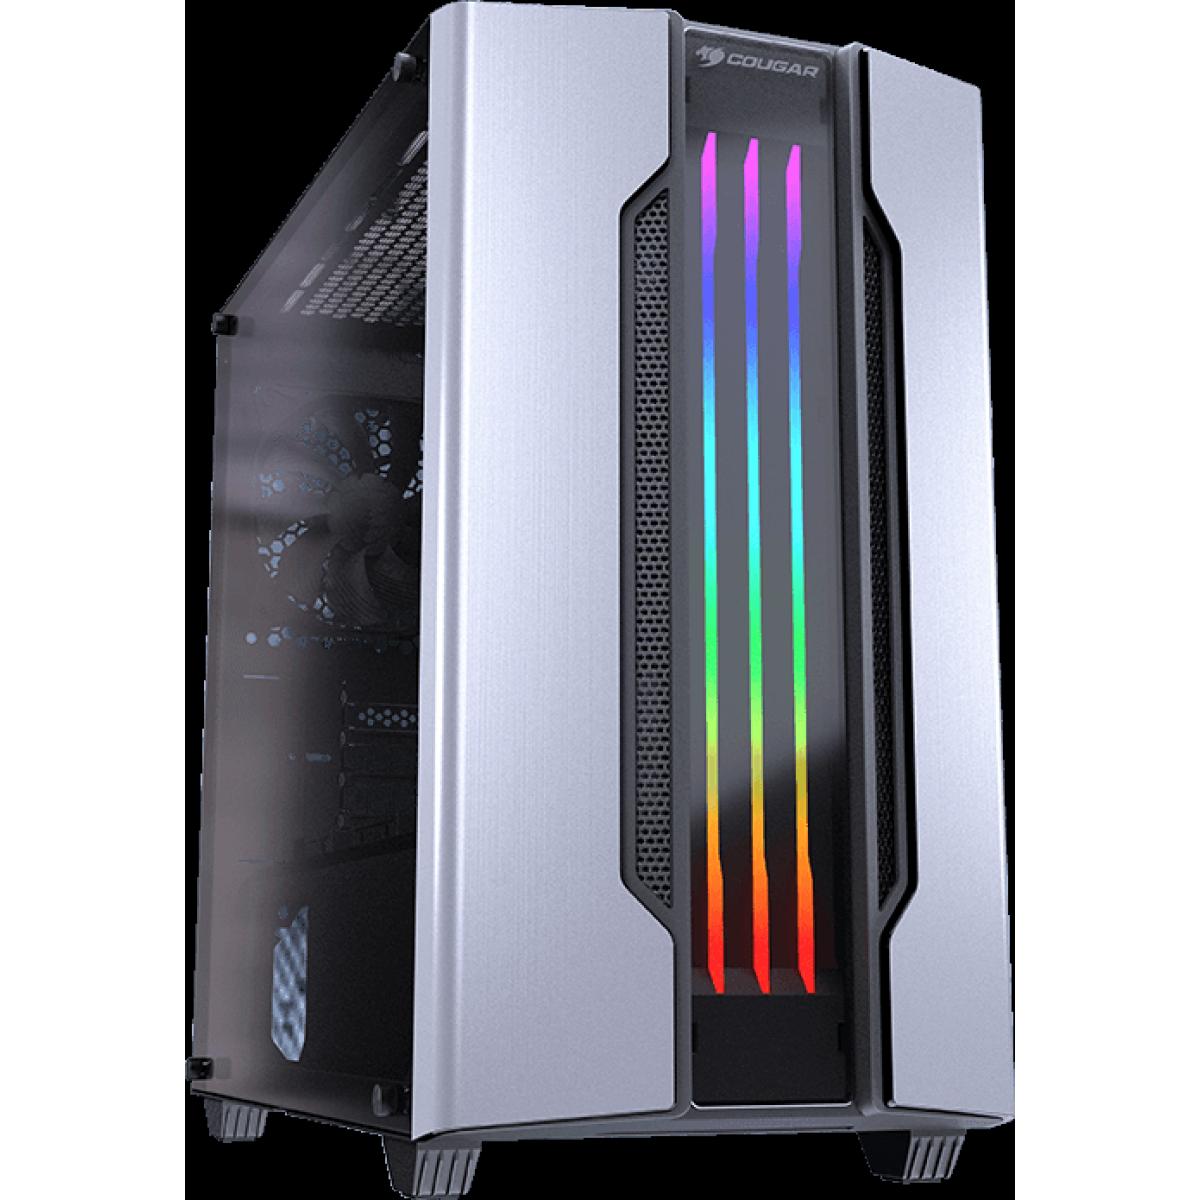 Pc Gamer Tera Edition AMD Ryzen 5 3400G / Radeon Rx 580 8GB / DDR4 8GB / HD 1TB